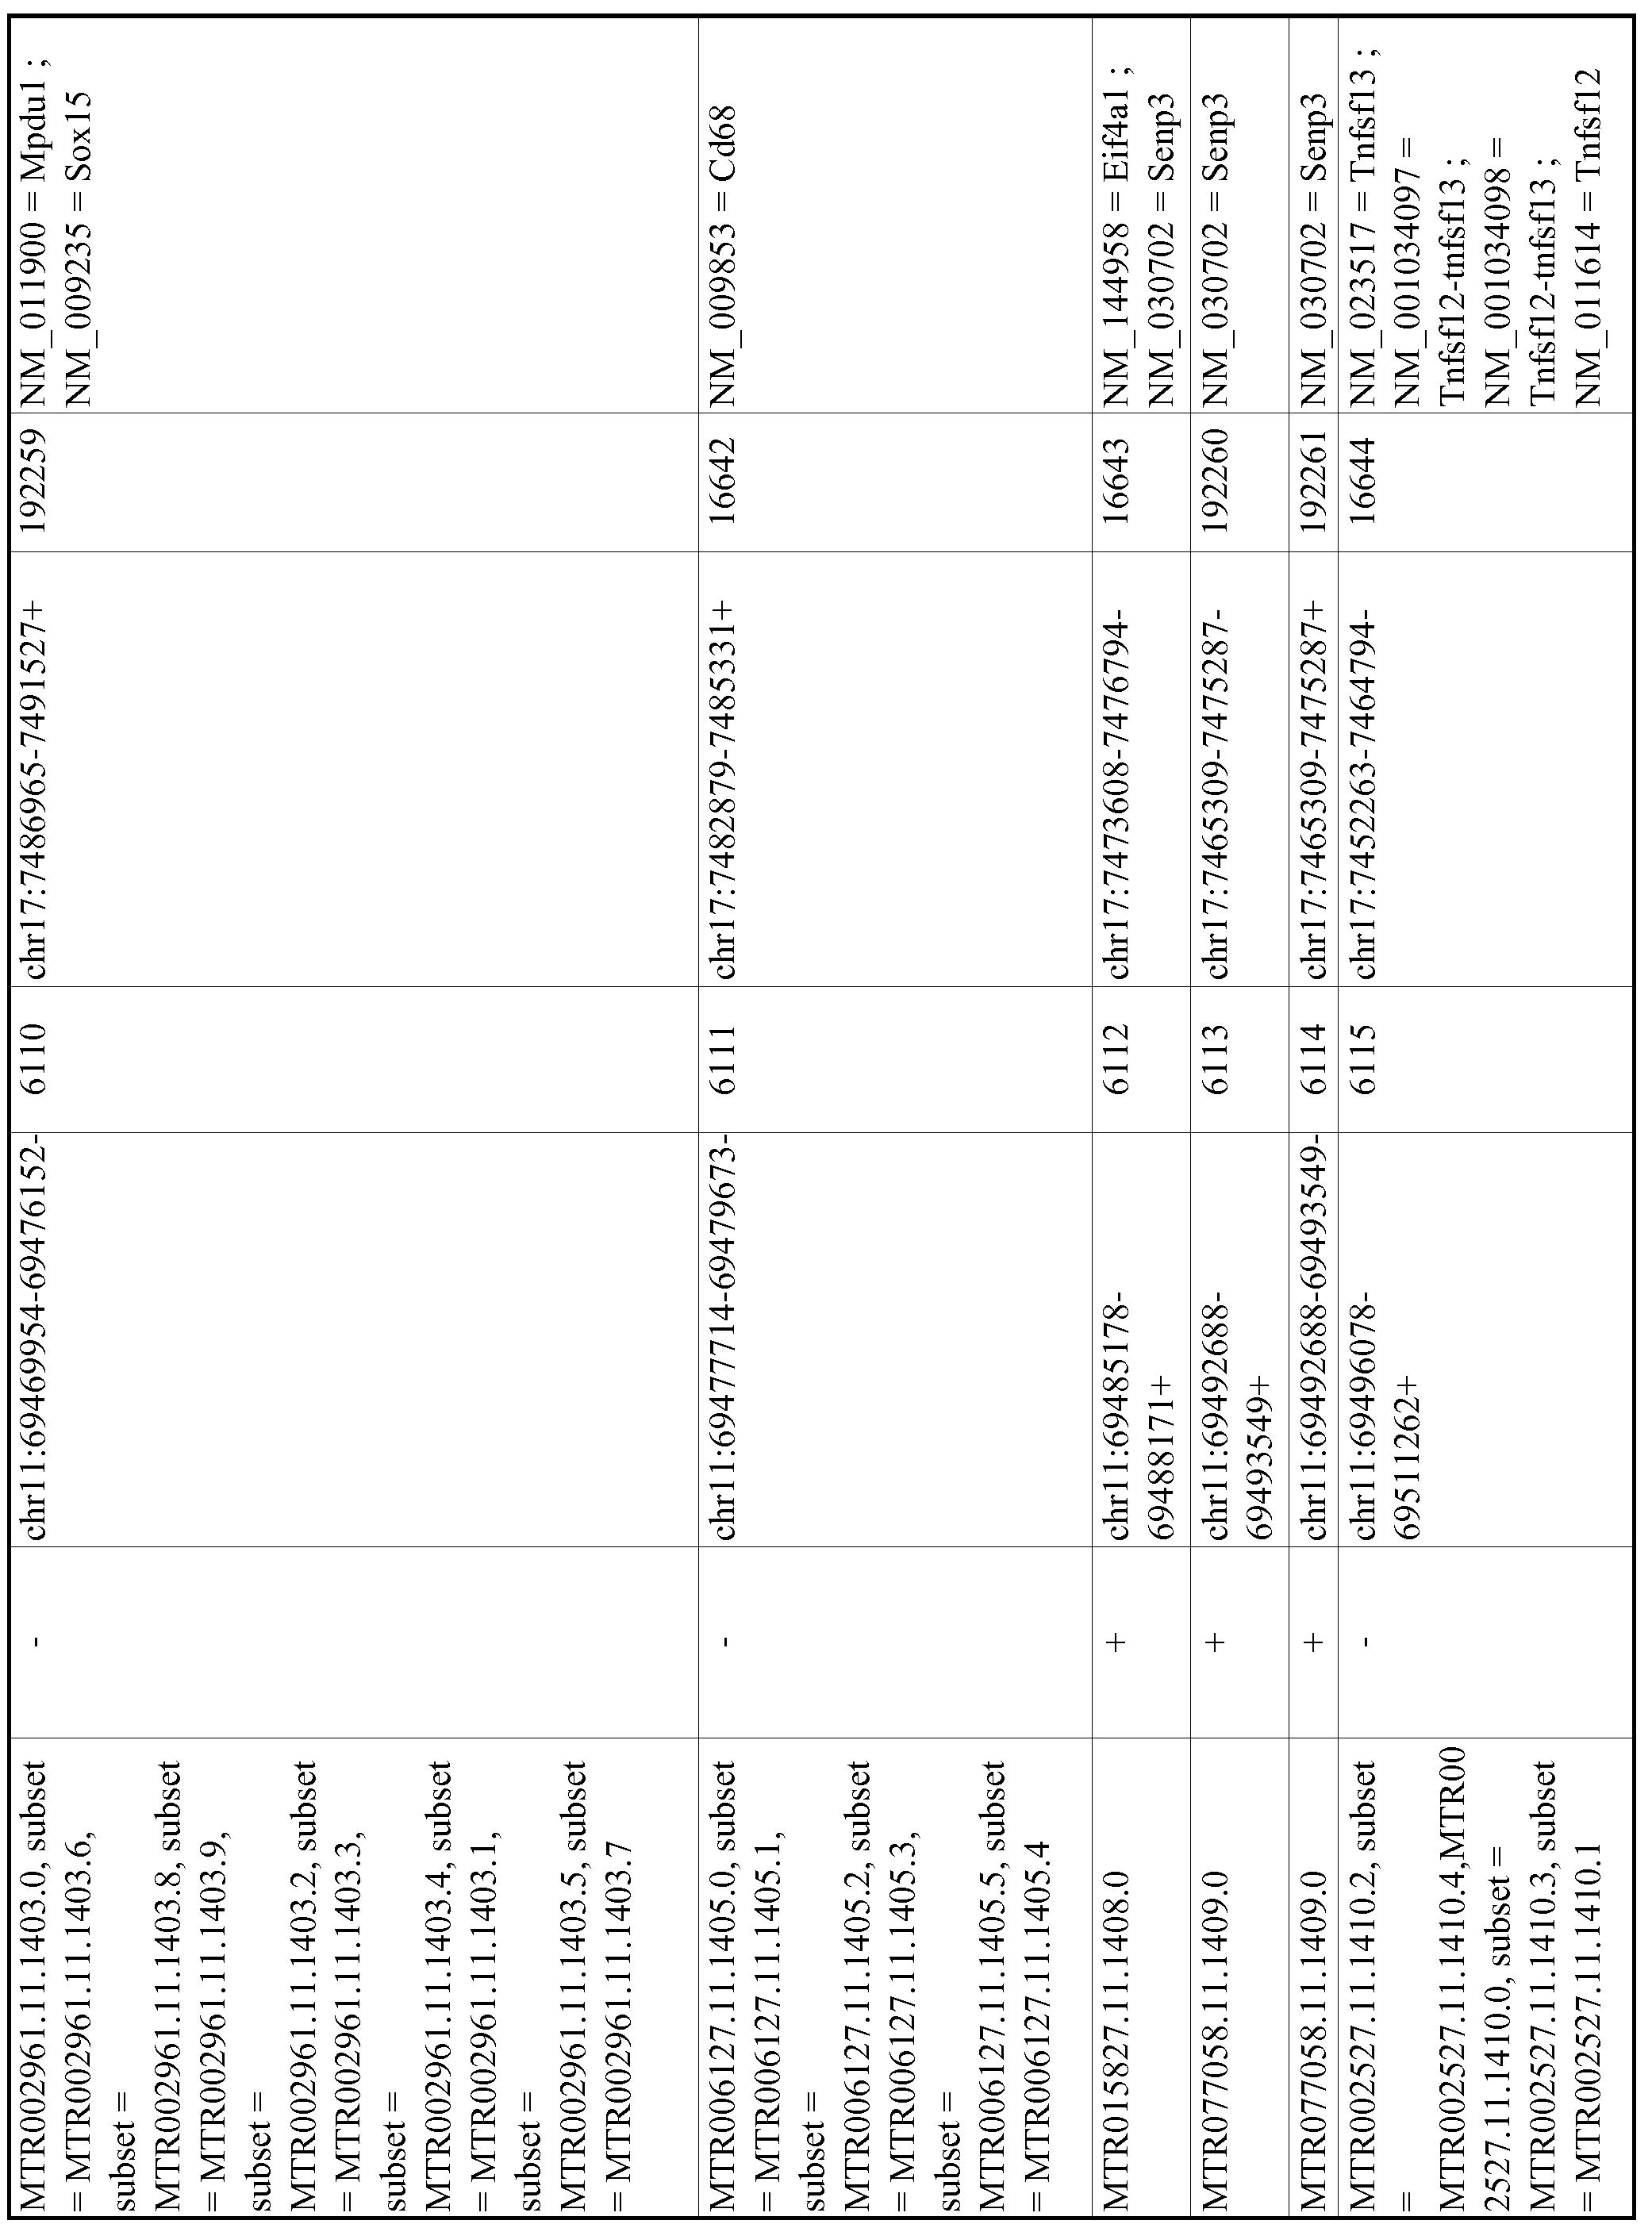 Figure imgf001099_0001